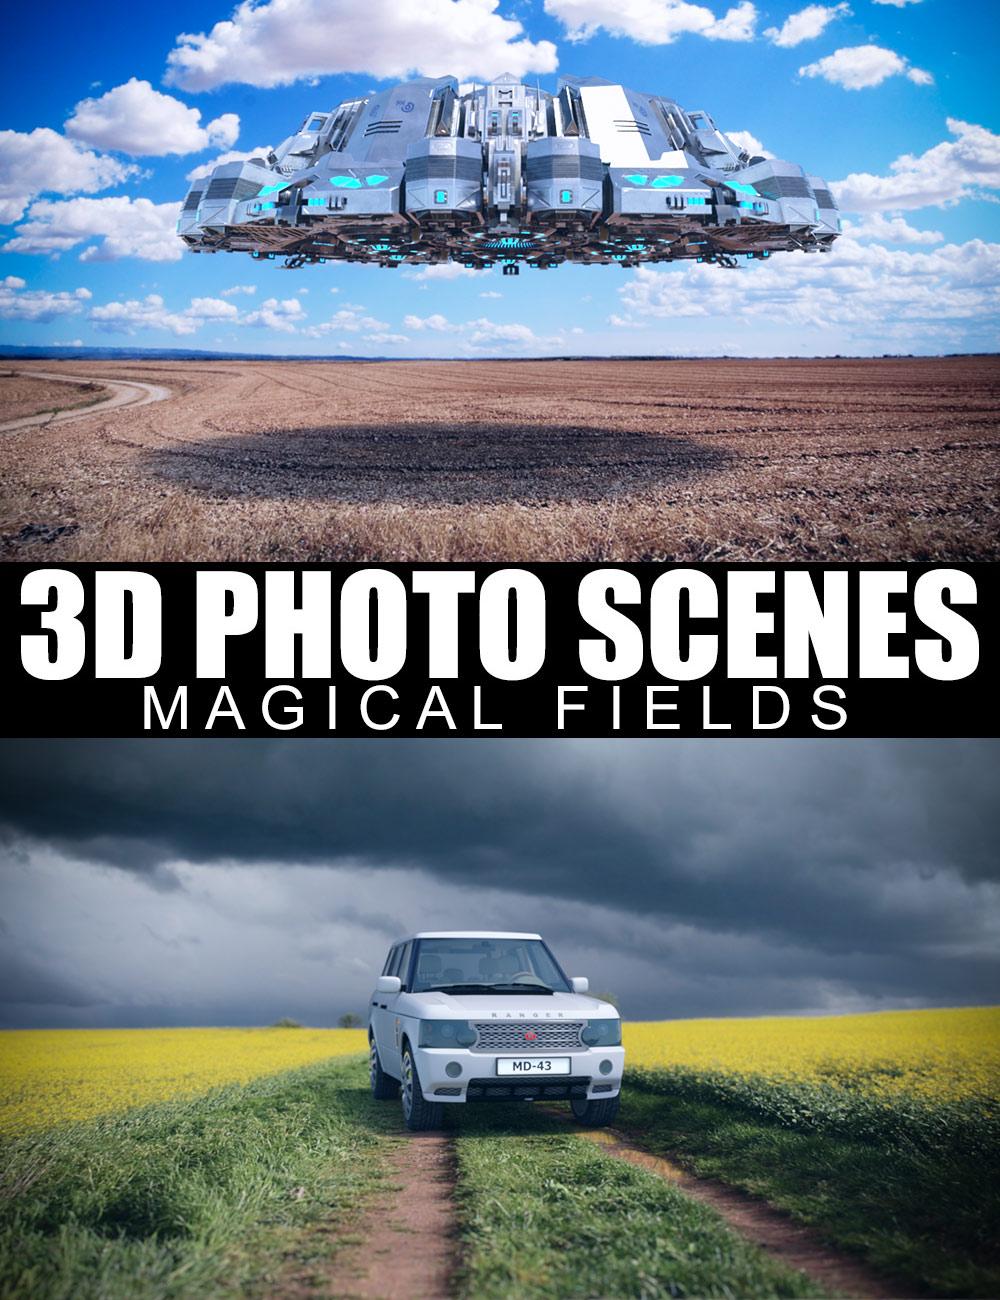 3D Photo Scenes - Magical Fields by: Dreamlight, 3D Models by Daz 3D